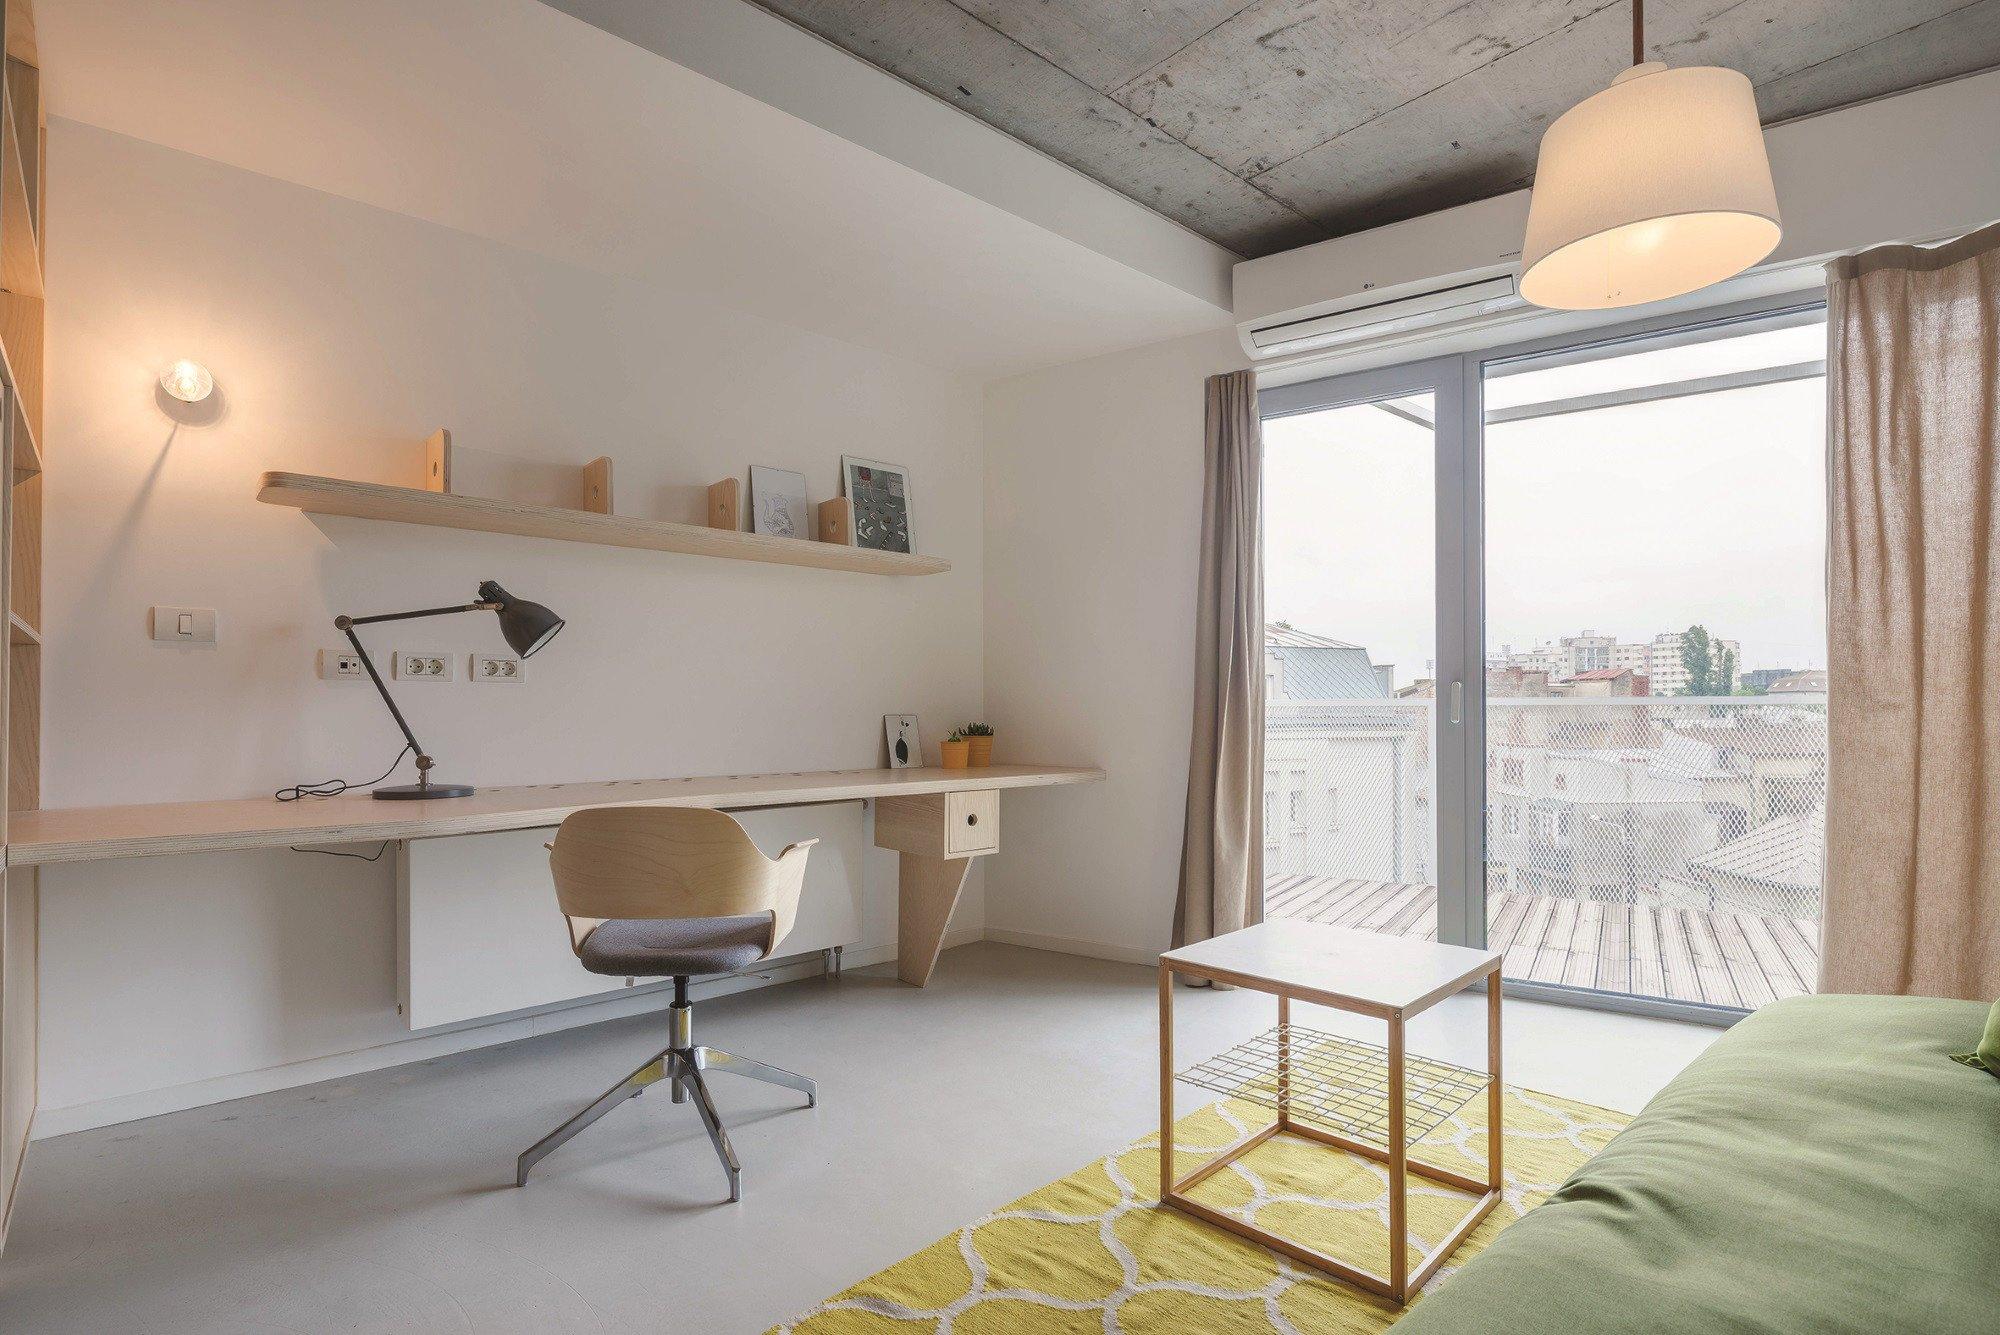 klimager t f r schlafzimmer hausgestaltung. Black Bedroom Furniture Sets. Home Design Ideas